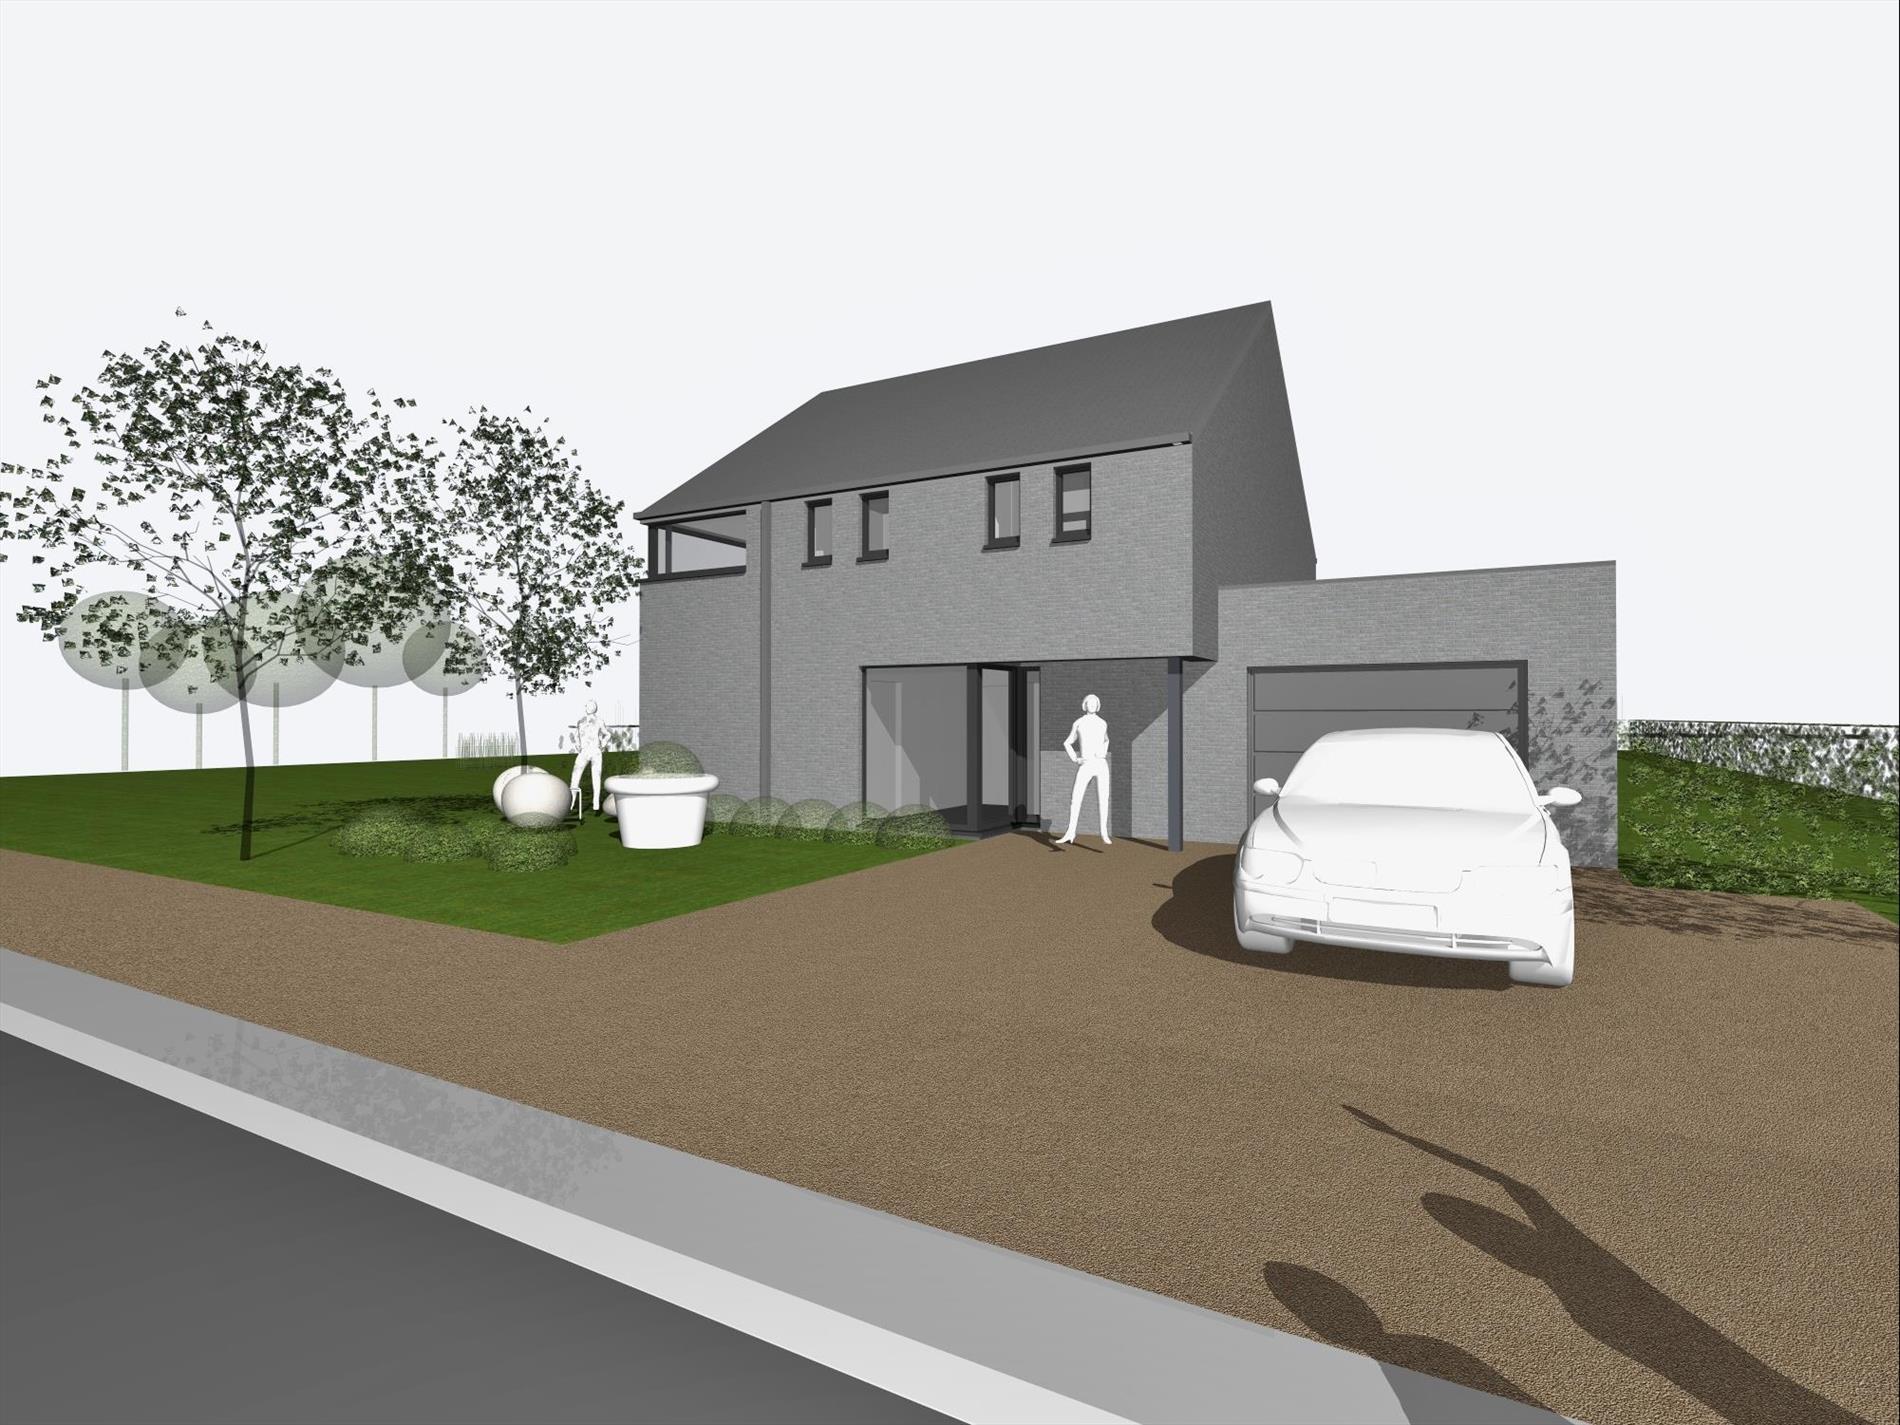 gros oeuvre ouvert basse nergie avec garantie d cennale maison a vendre 6900 waha condrogest. Black Bedroom Furniture Sets. Home Design Ideas